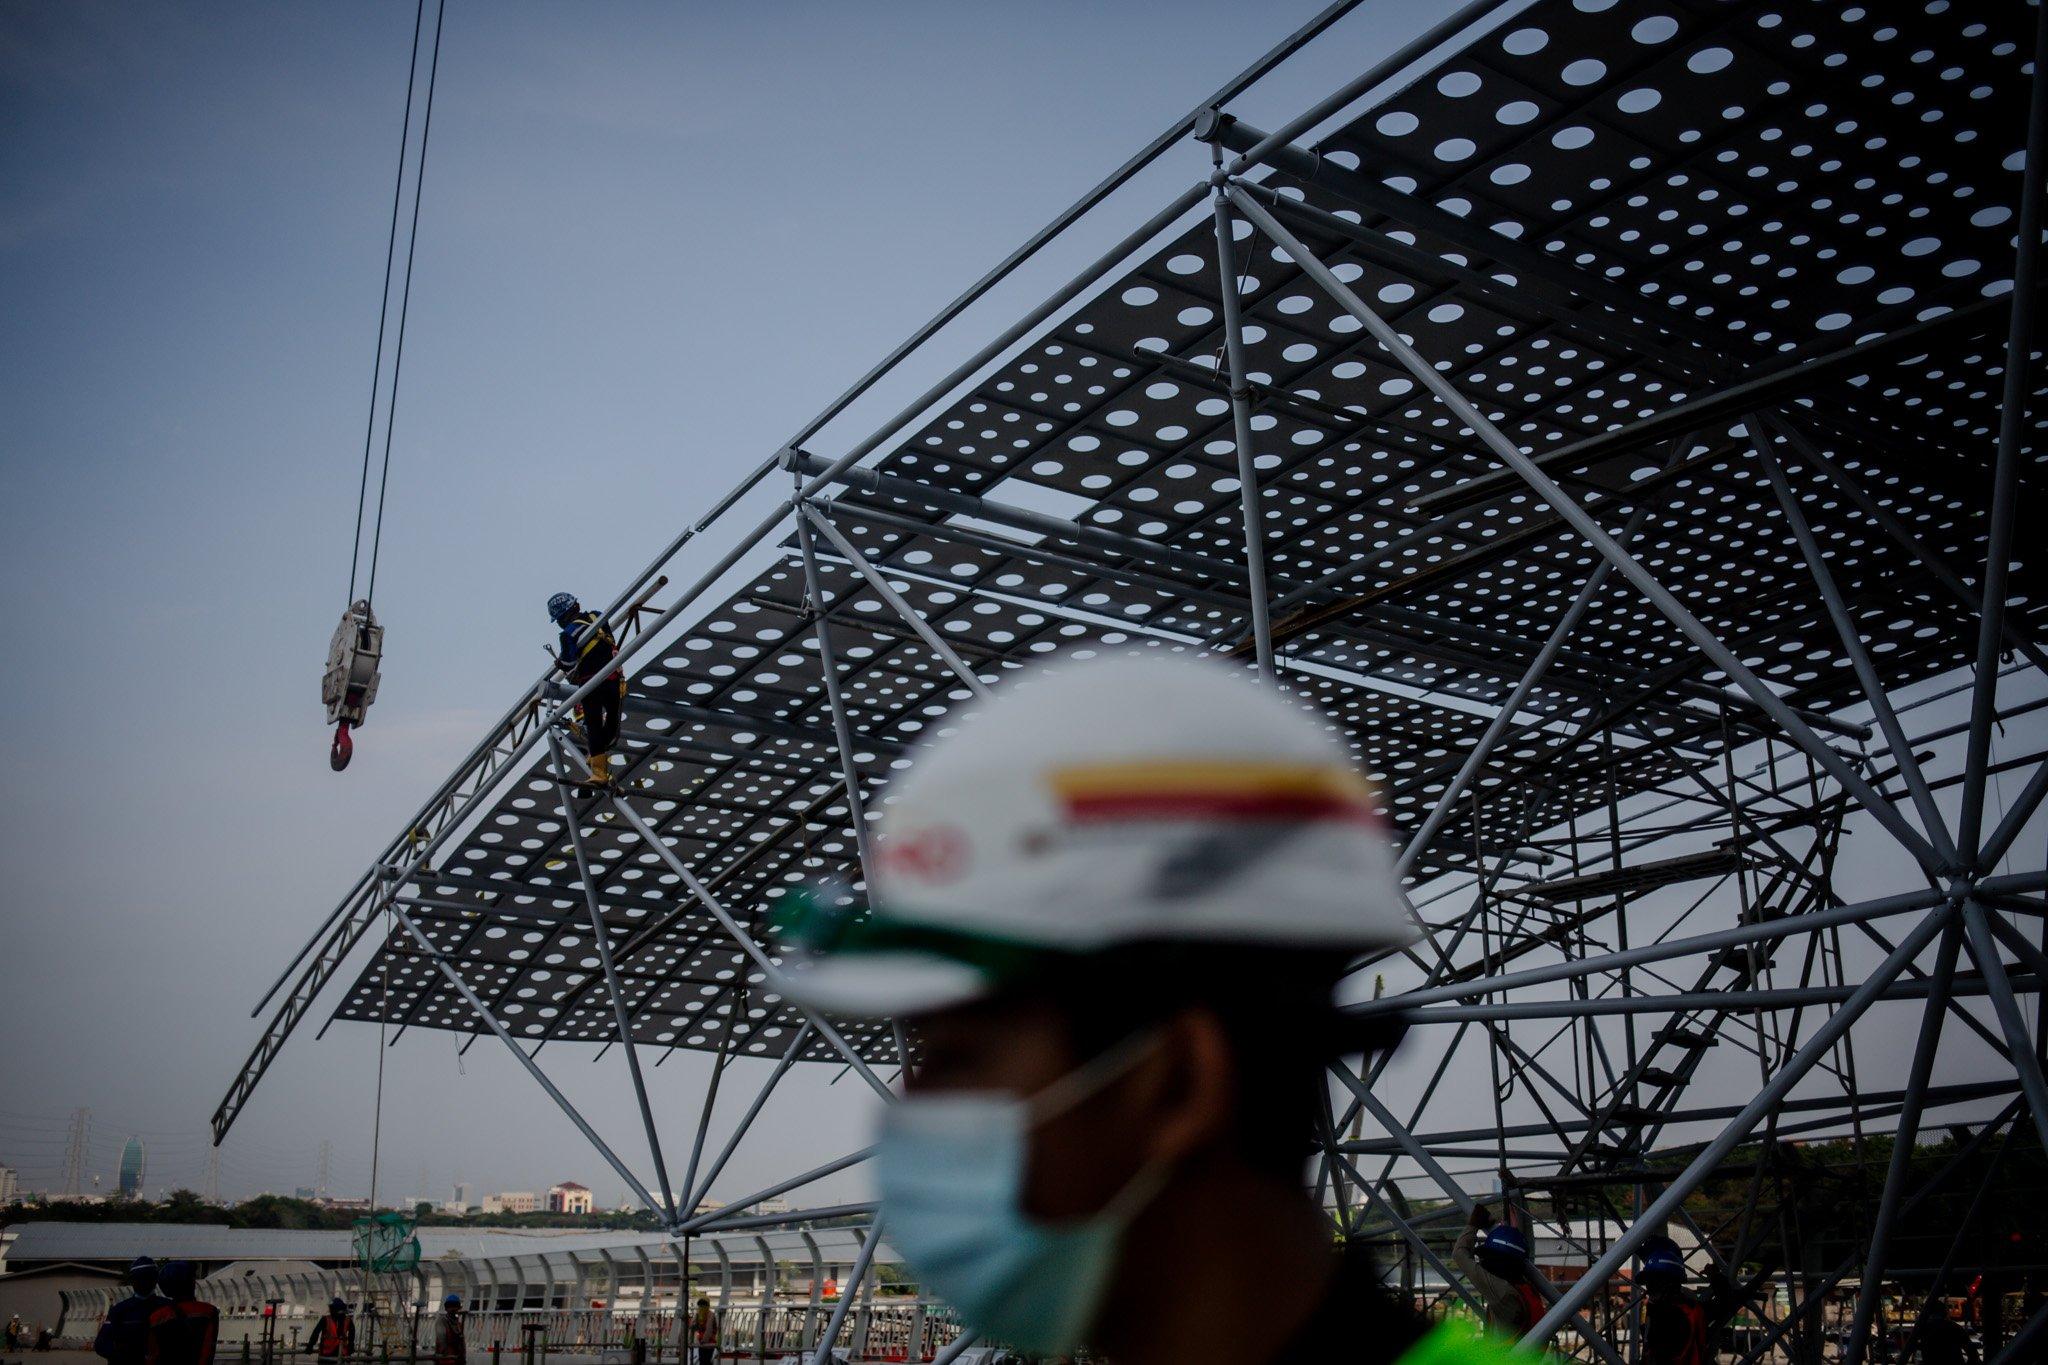 Pekerja menyelesaikan pengerjaan kontruksi Jakarta International Satdium (JIS) Tanjung Priok, jakarta utara, Selasa, (28/9/2021). Mega proyek ini ditargetkan rampung pada bulan Oktober 2021. Namun, berdasarkan informasi terakhir yang diberikan oleh Gubernur DKI Jakarta Anies Baswedan lewat akun instagram resminya, pada minggu ke sembilan puluh delapan pembangunan masih dalam tahap 73,80 persen.